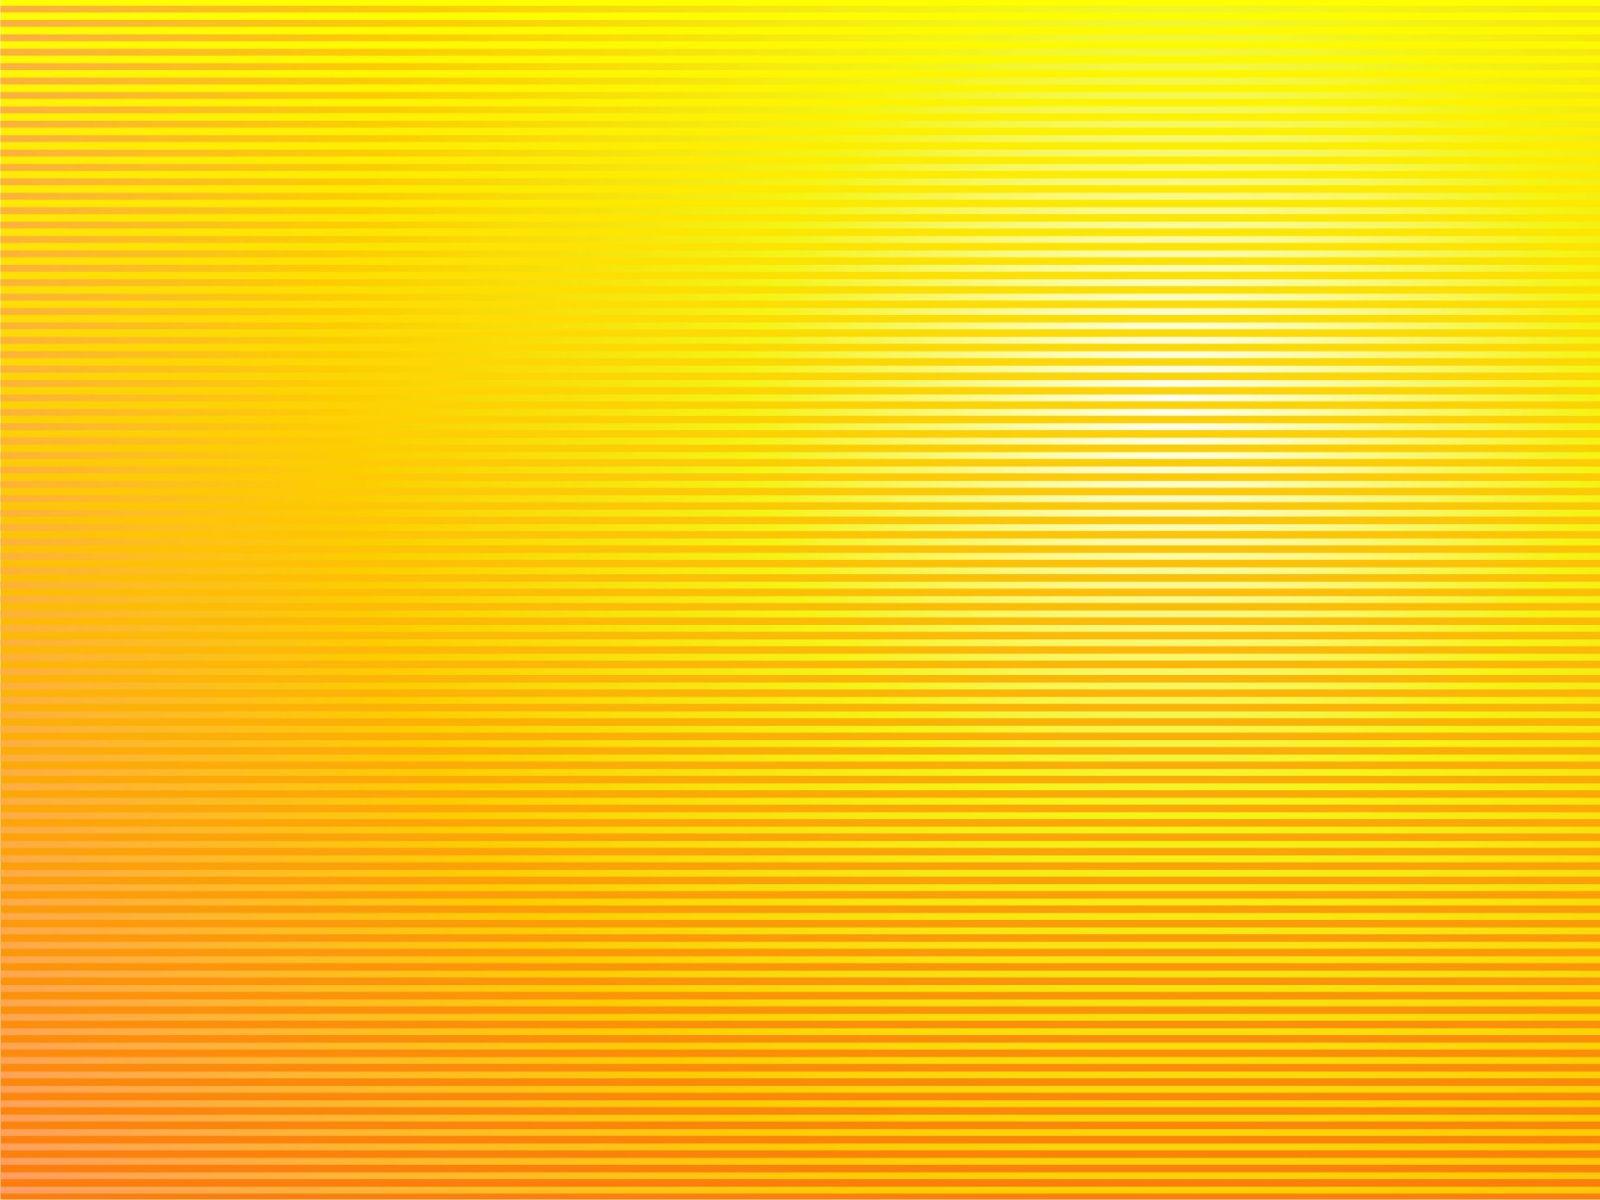 صور خلفية صفراء , الاصفر لخلفيات مميزة